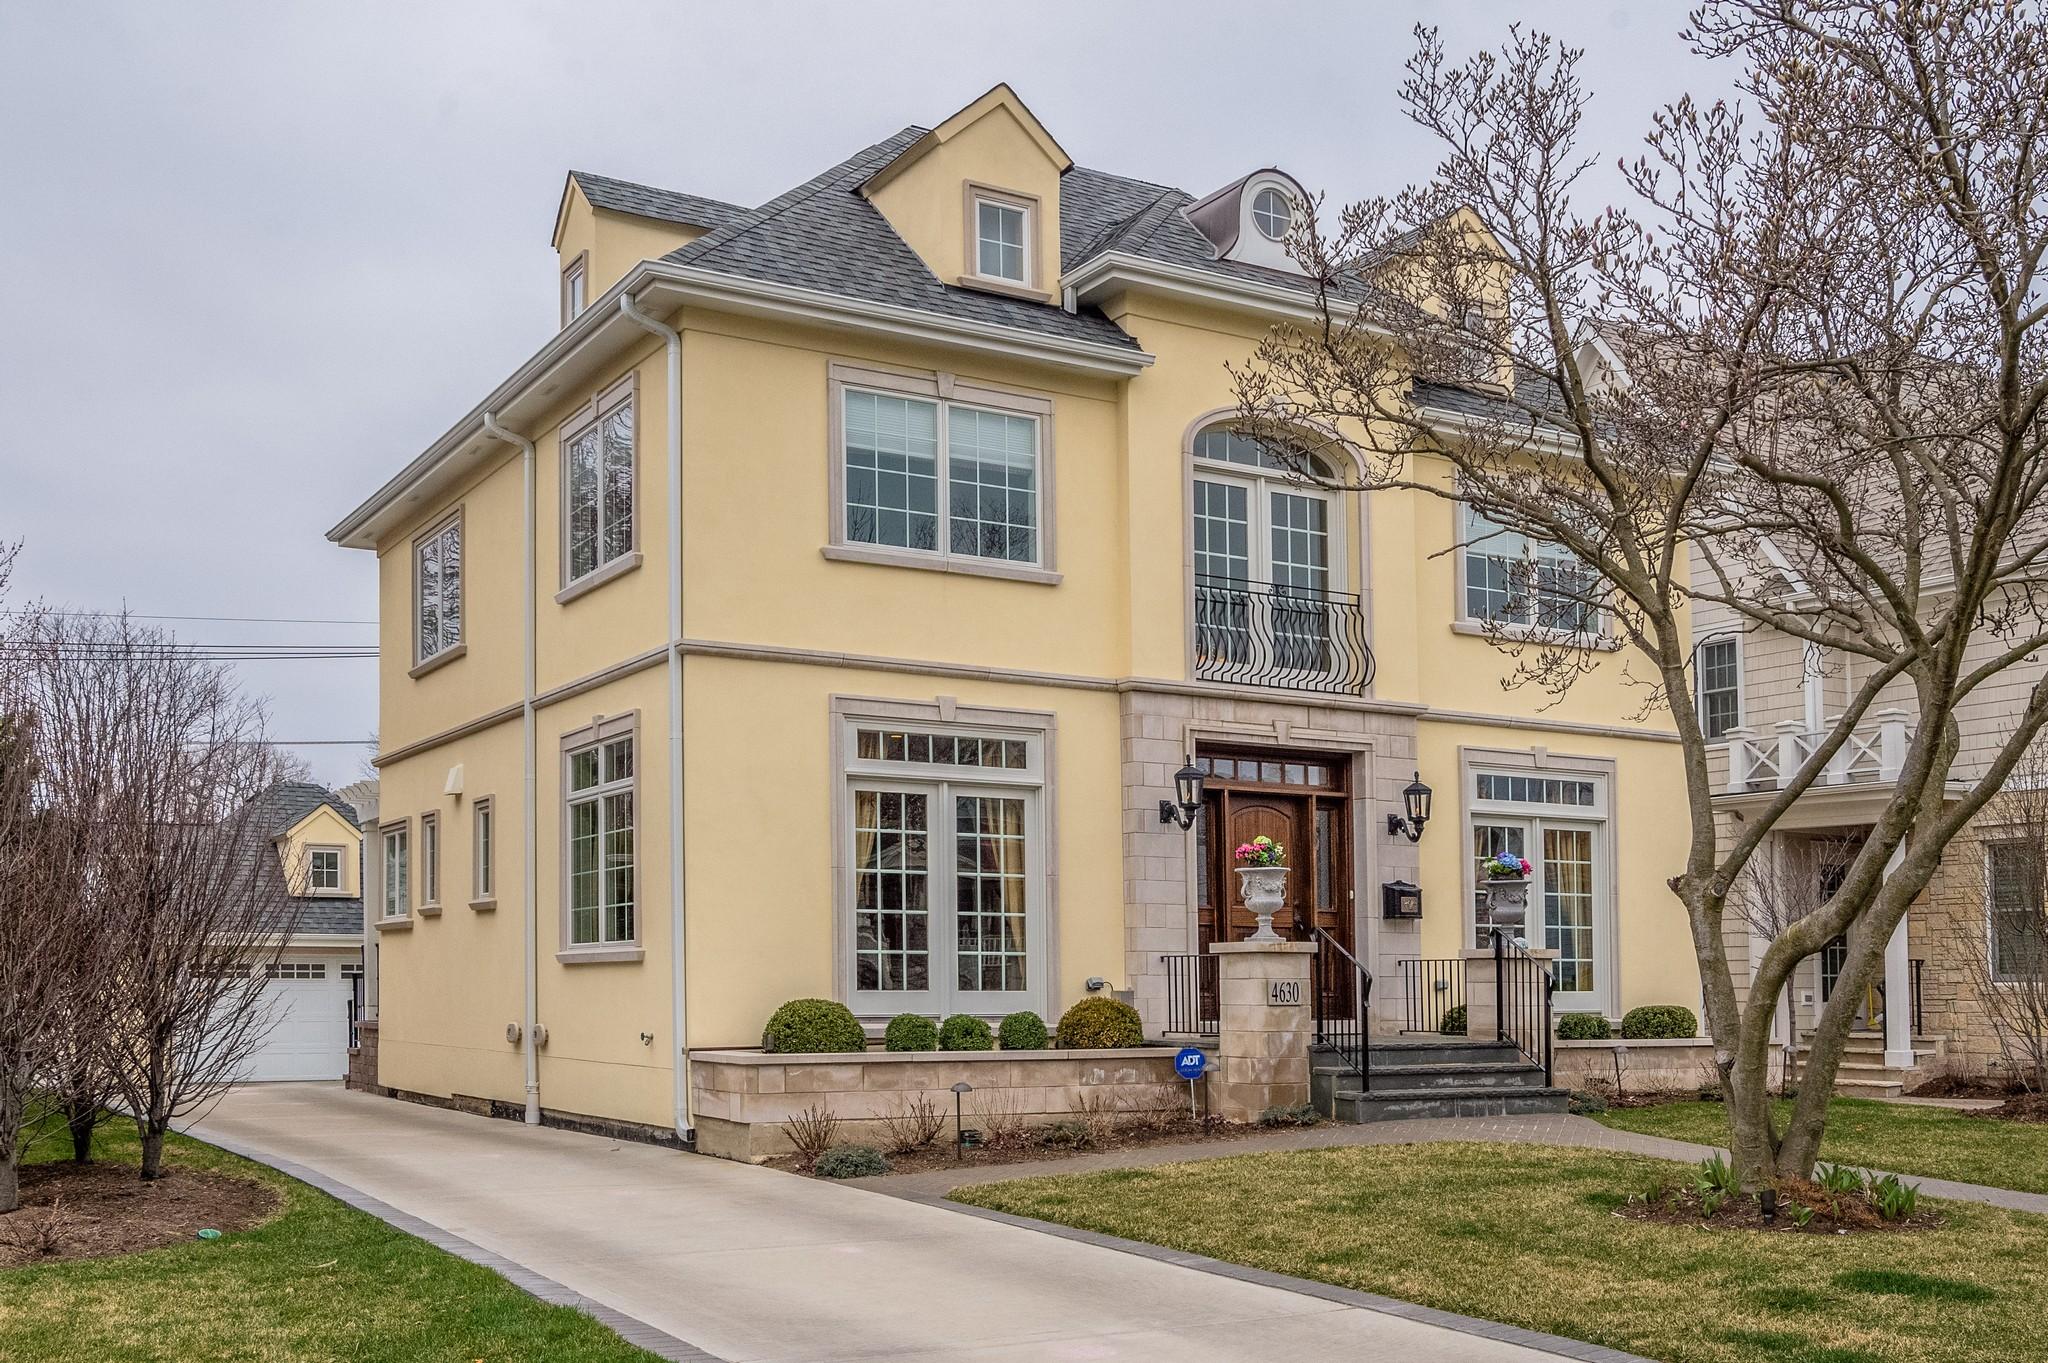 独户住宅 为 销售 在 4630 Franklin 鸭子湖, 伊利诺斯州, 60558 美国